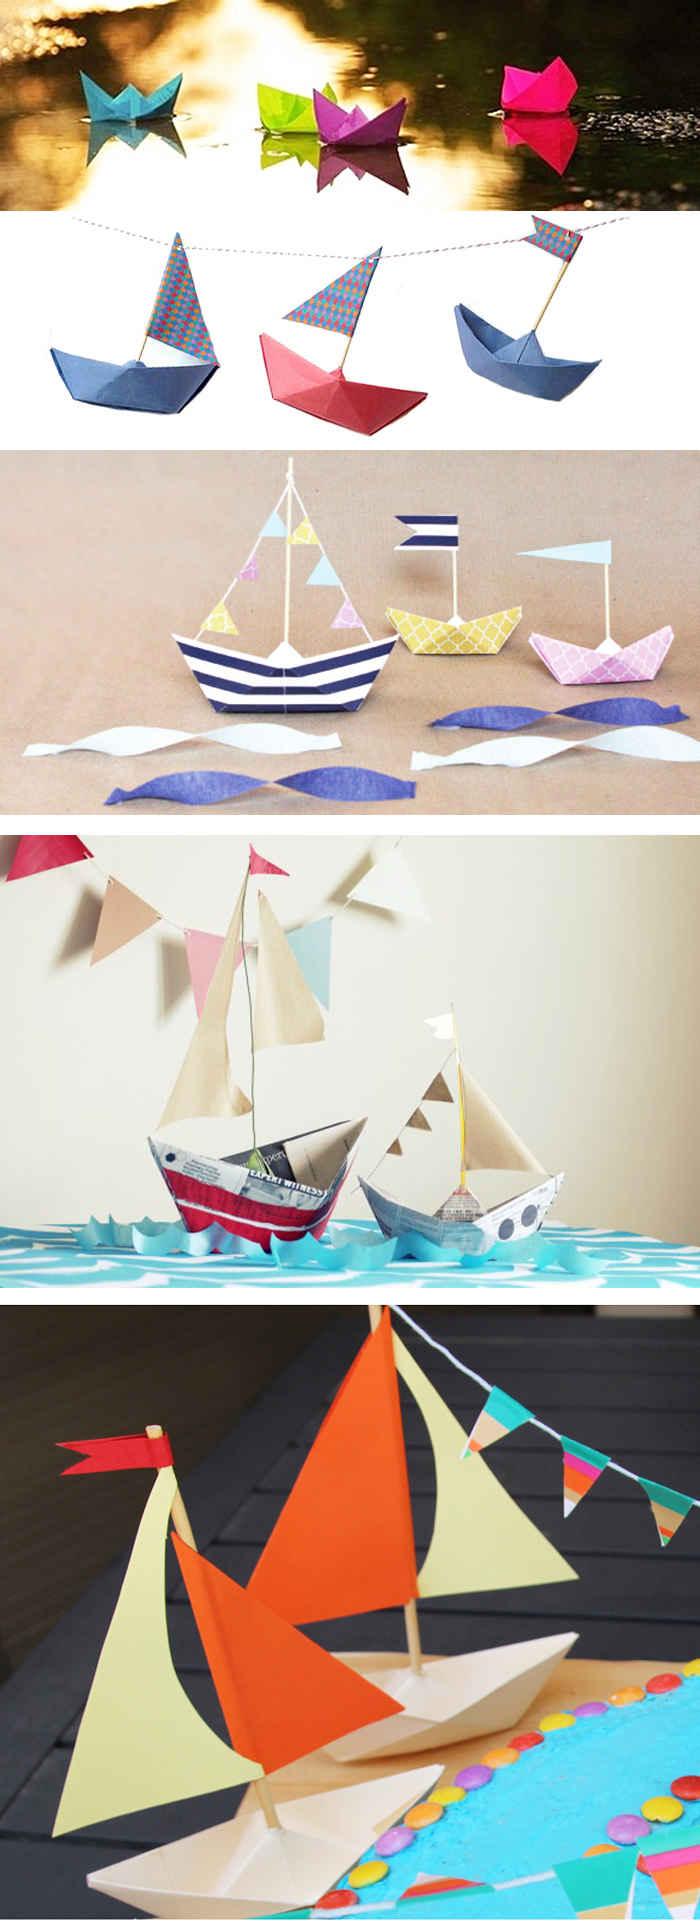 Как сделать из бумаги кораблик своими руками 4